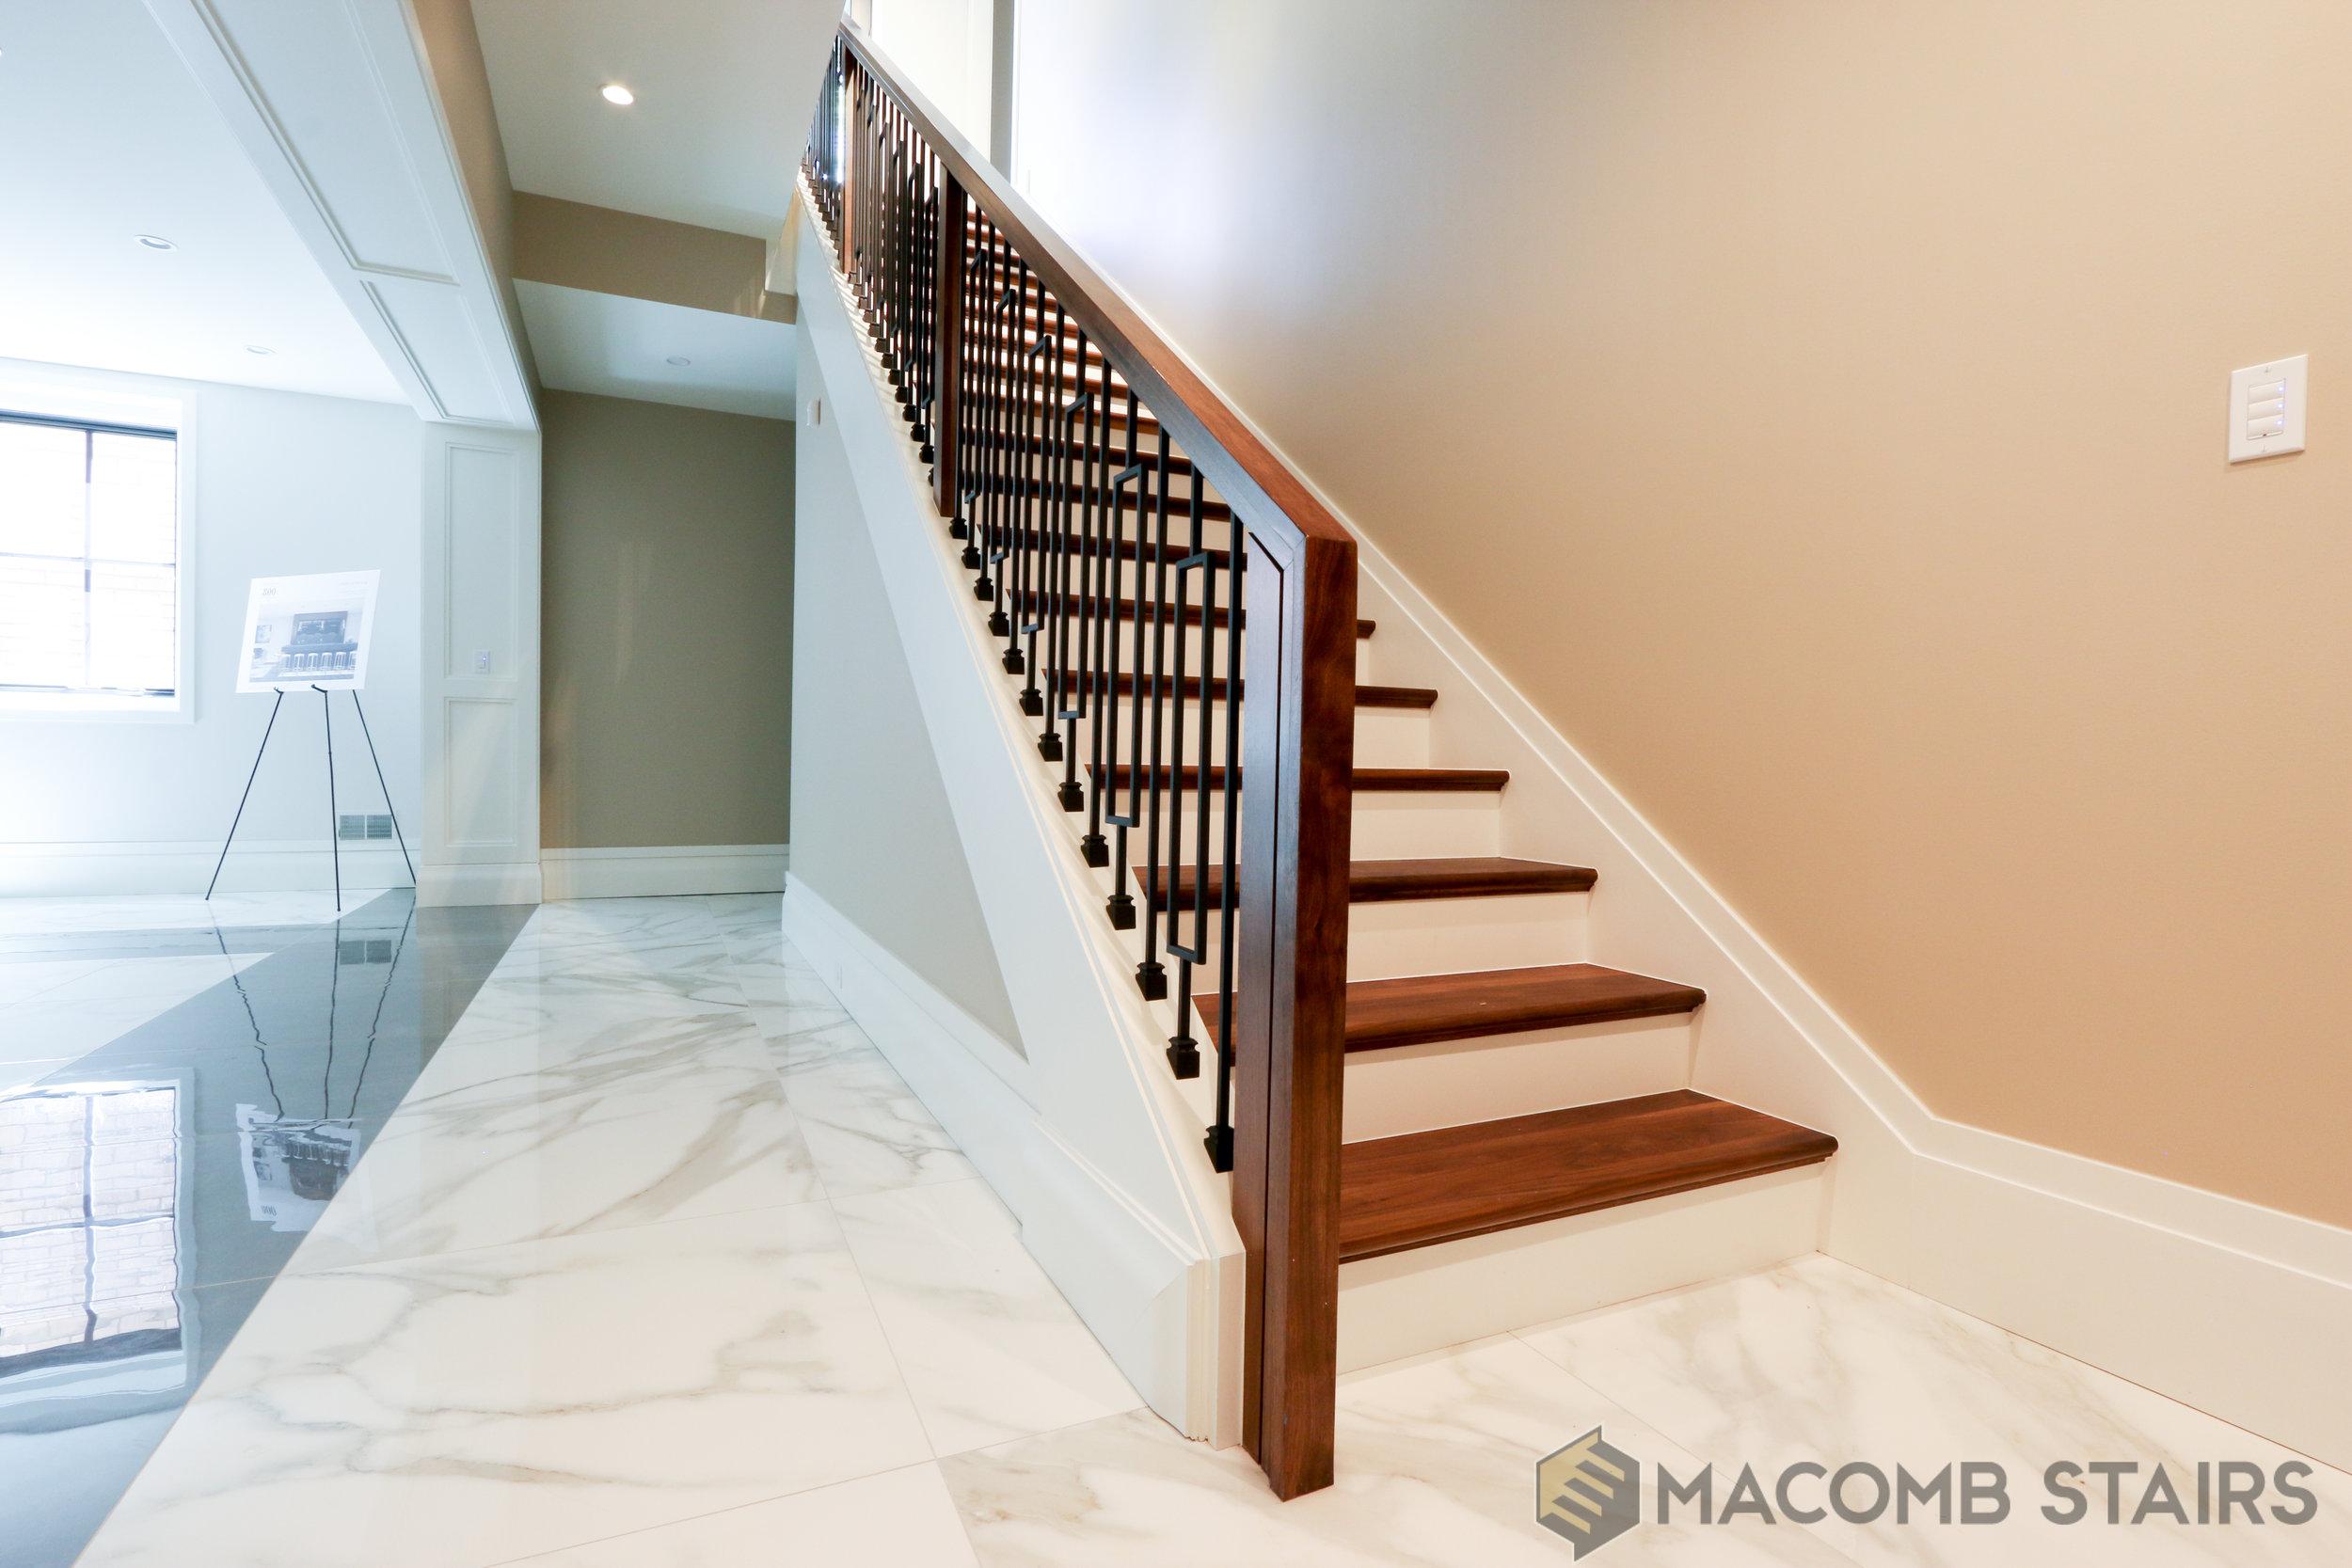 Macimb Stairs- Stair Photo-16.jpg